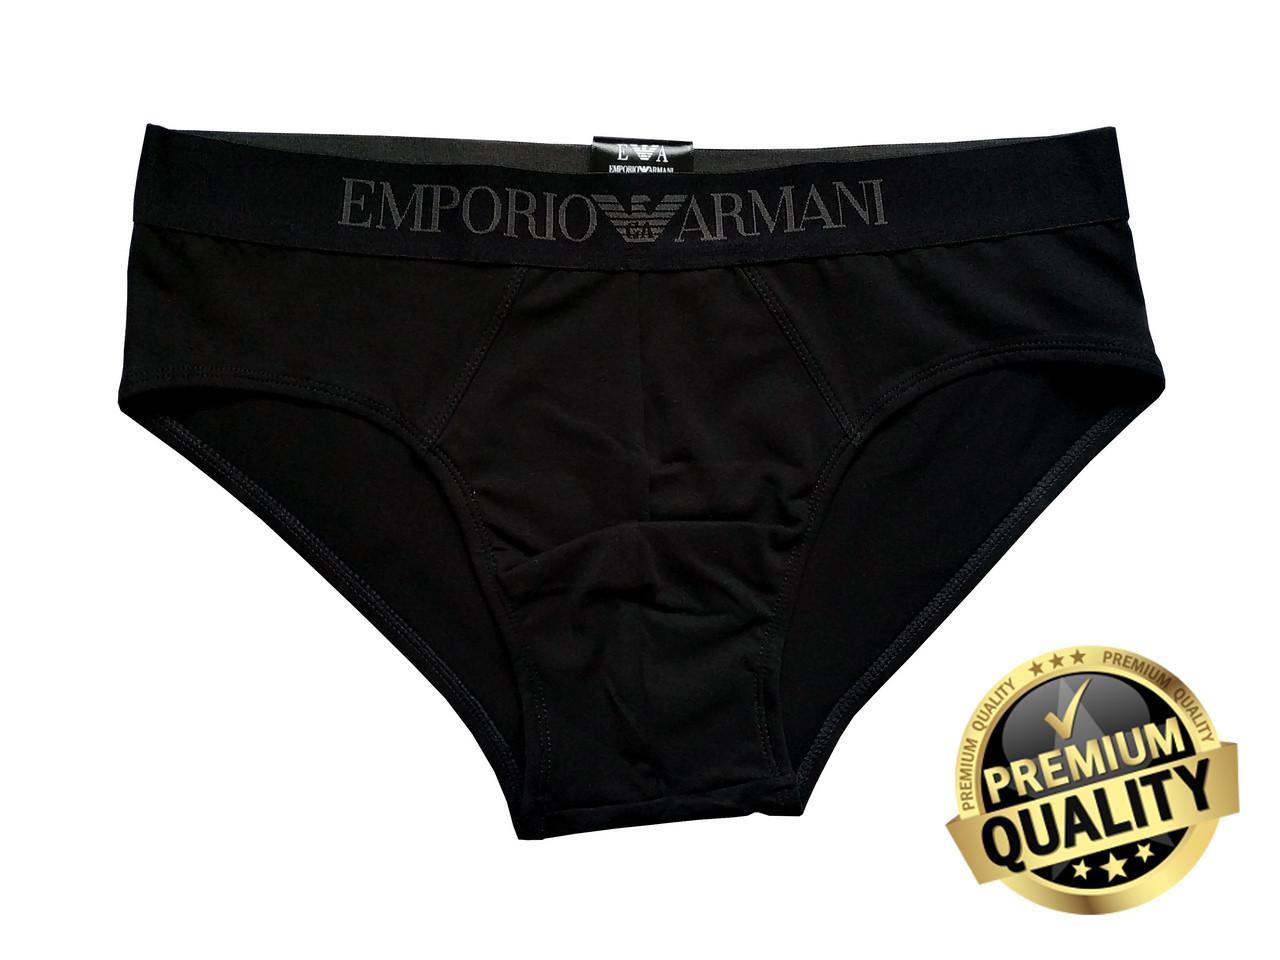 Мужские трусы слипы Emporio Armani чёрные. Полномерная модель. Премиум качество.